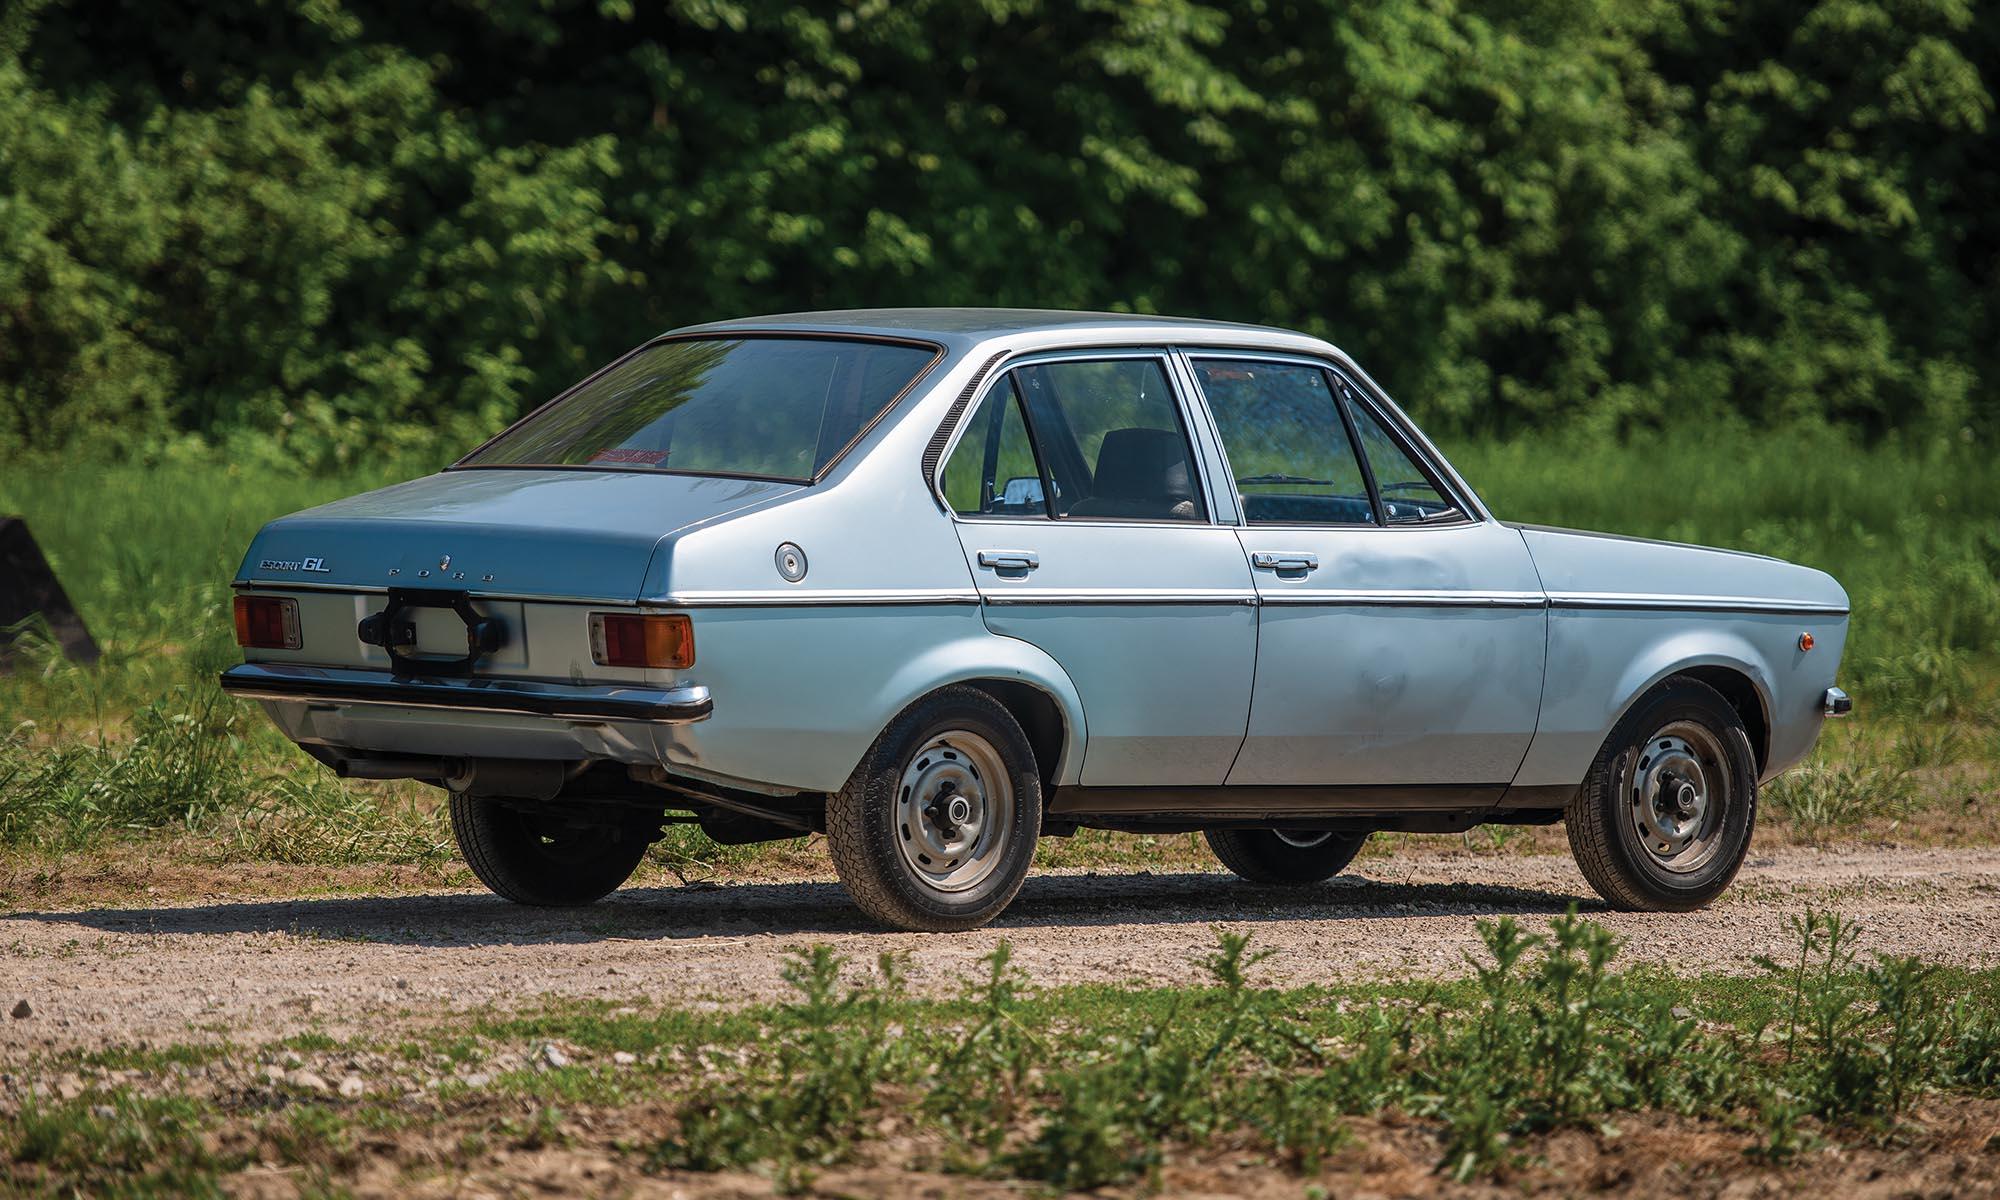 c3c35a14ac ... kinézetű 1100 GL első tulajdonosa ugyanis Karol Wojtyła volt, akit  1978-ban II. János Pál néven választottak pápává. A 48 lóerős motorral  hajtott, ...